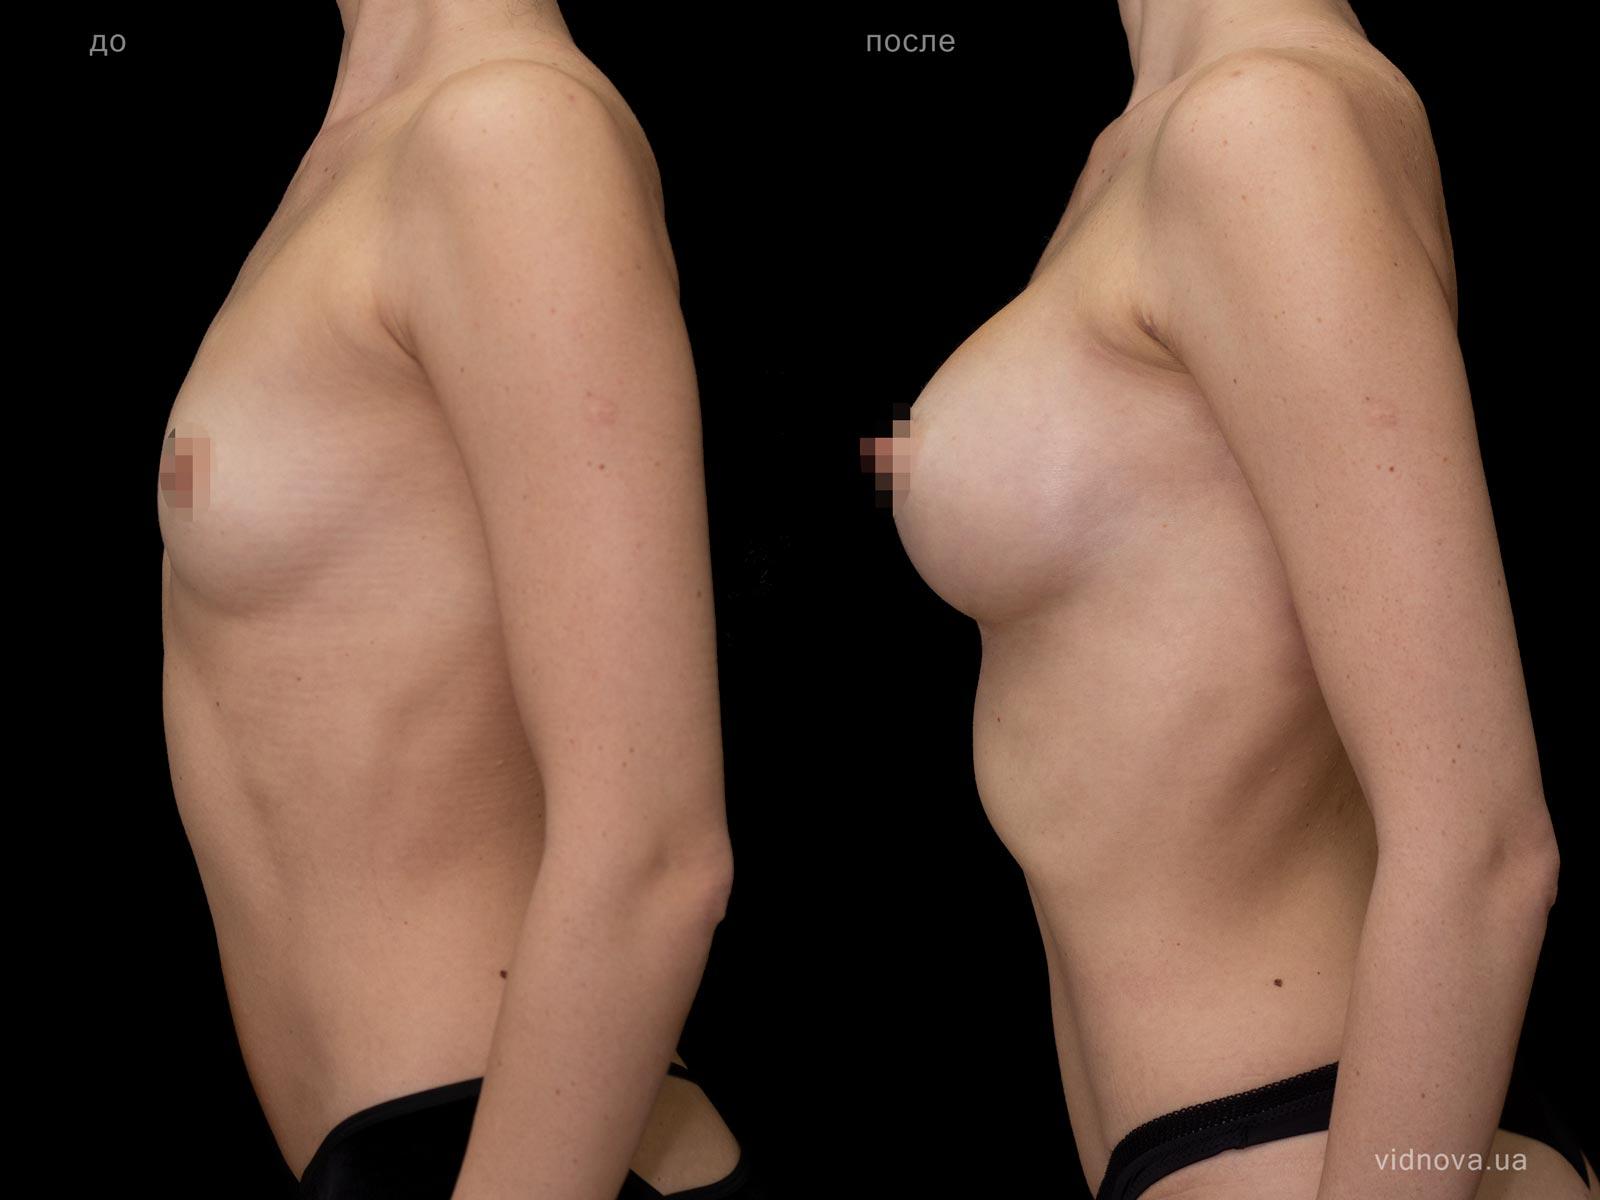 Пластика груди: результаты до и после - Пример №79-2 - Светлана Работенко